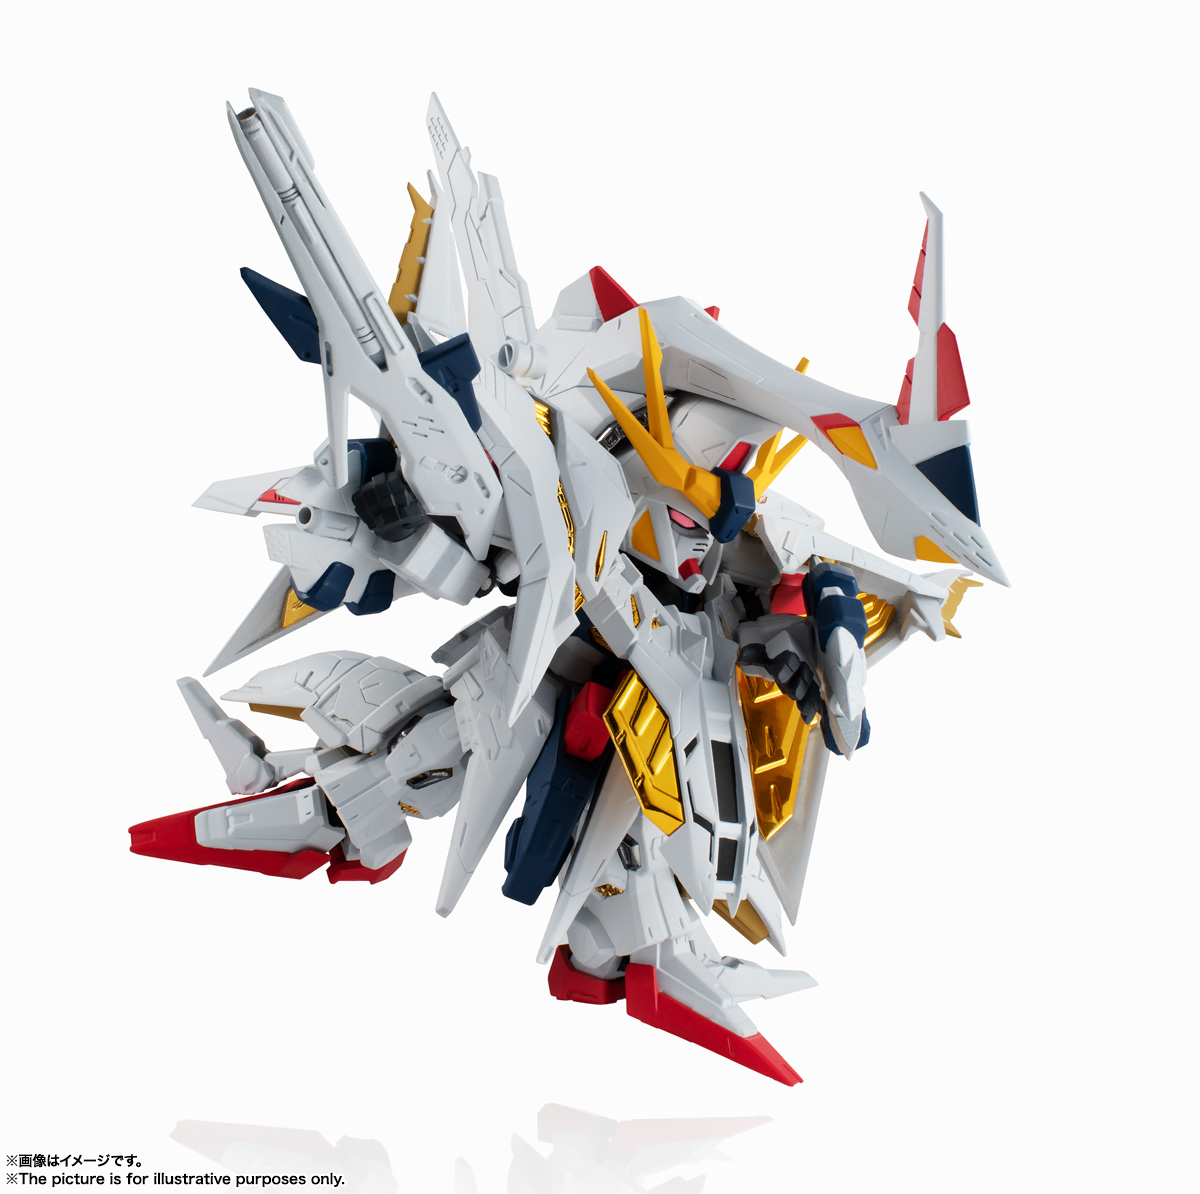 NXEDGE STYLE[MS UNIT]『Ξガンダム』機動戦士ガンダム 閃光のハサウェイ デフォルメ可動フィギュア-013